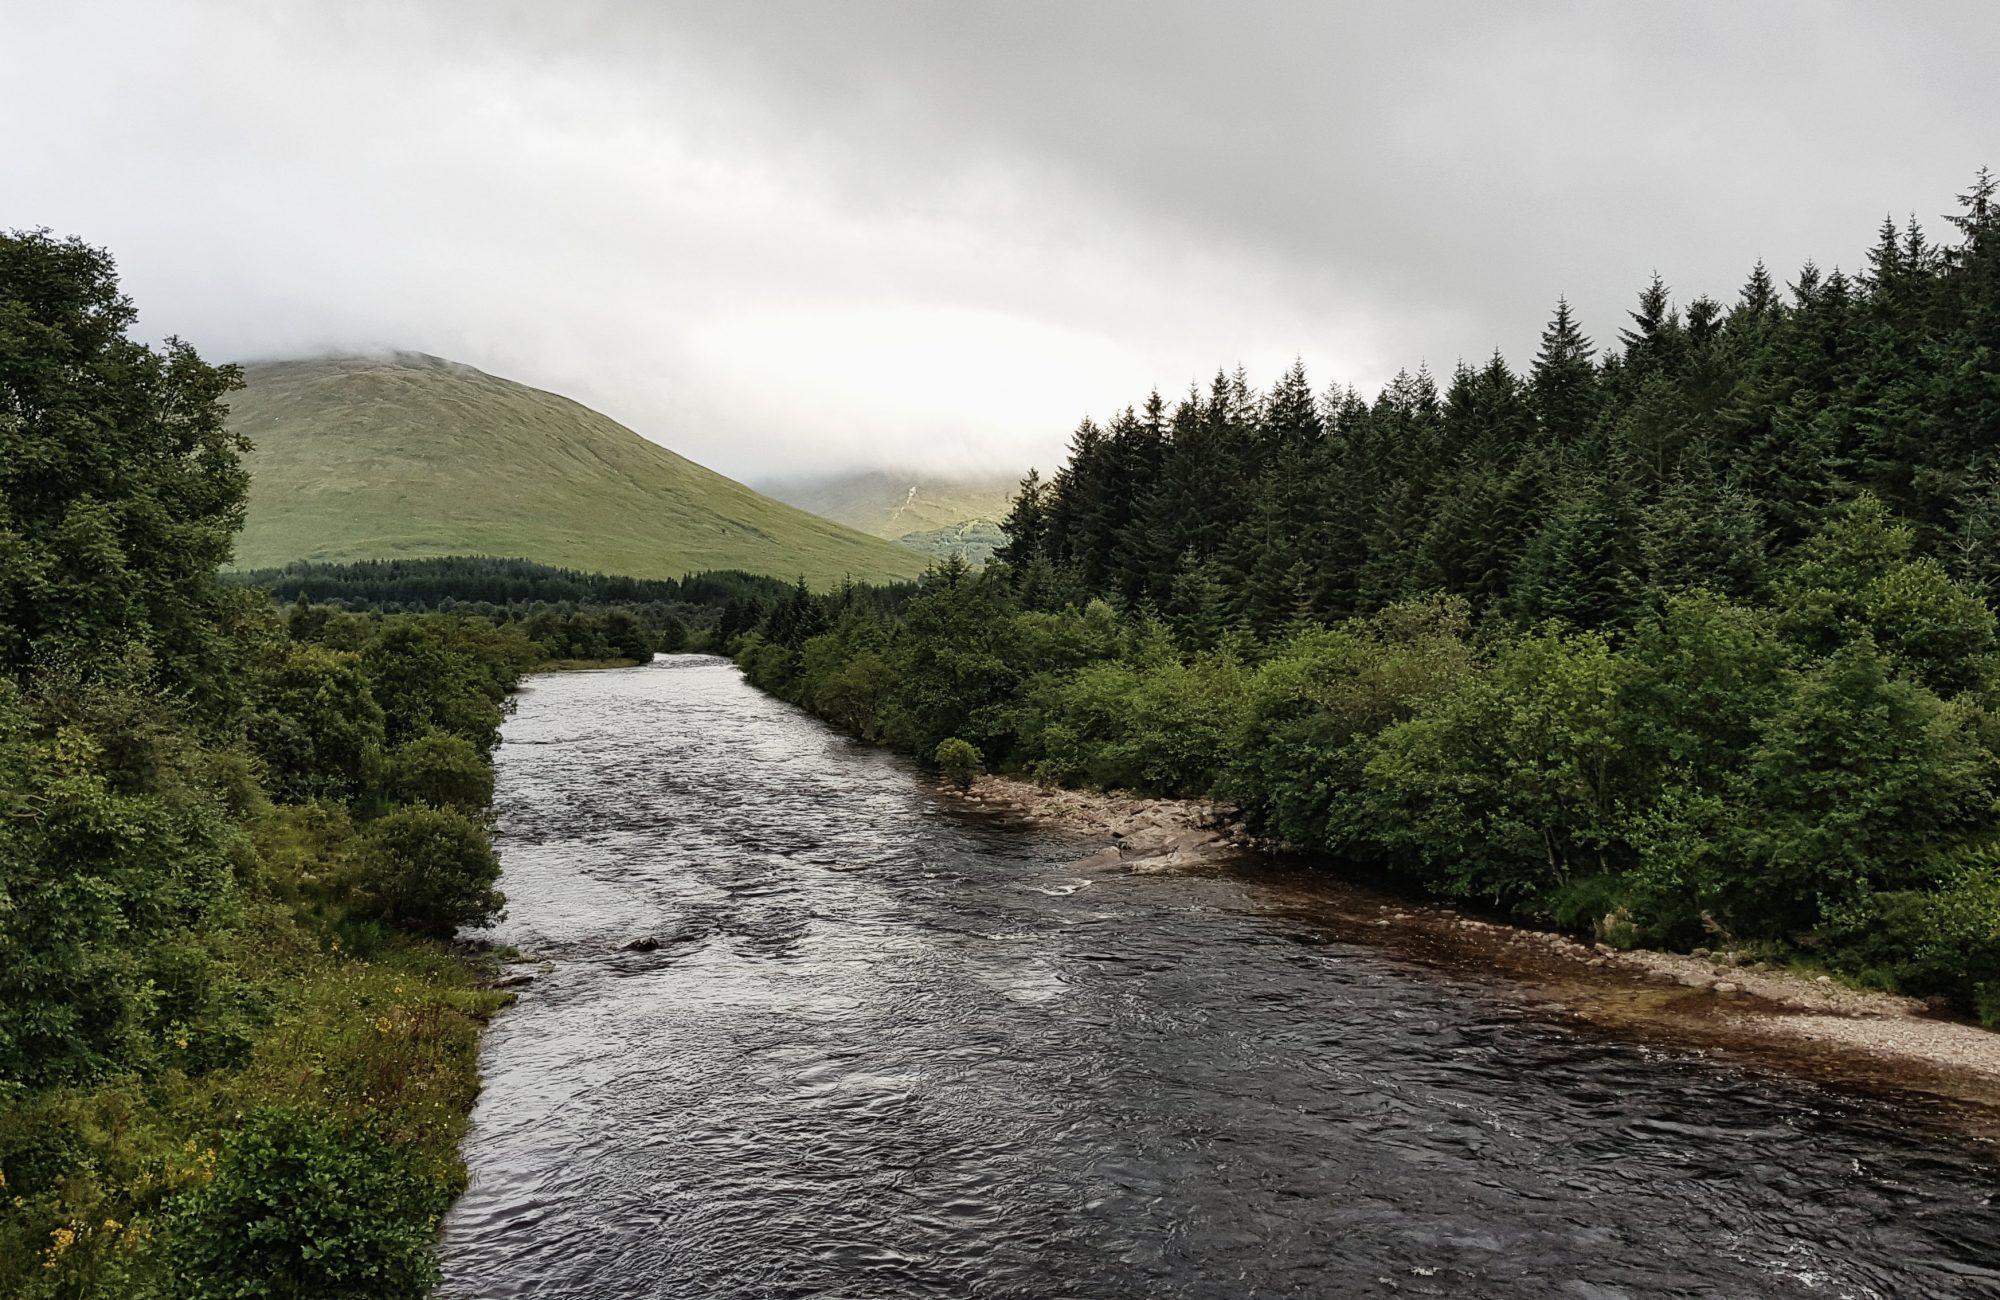 Blick von der Bridge of Orchy, West Highland Way, Schottland, Wanderung, Weitwandern, Trekking, Highlands